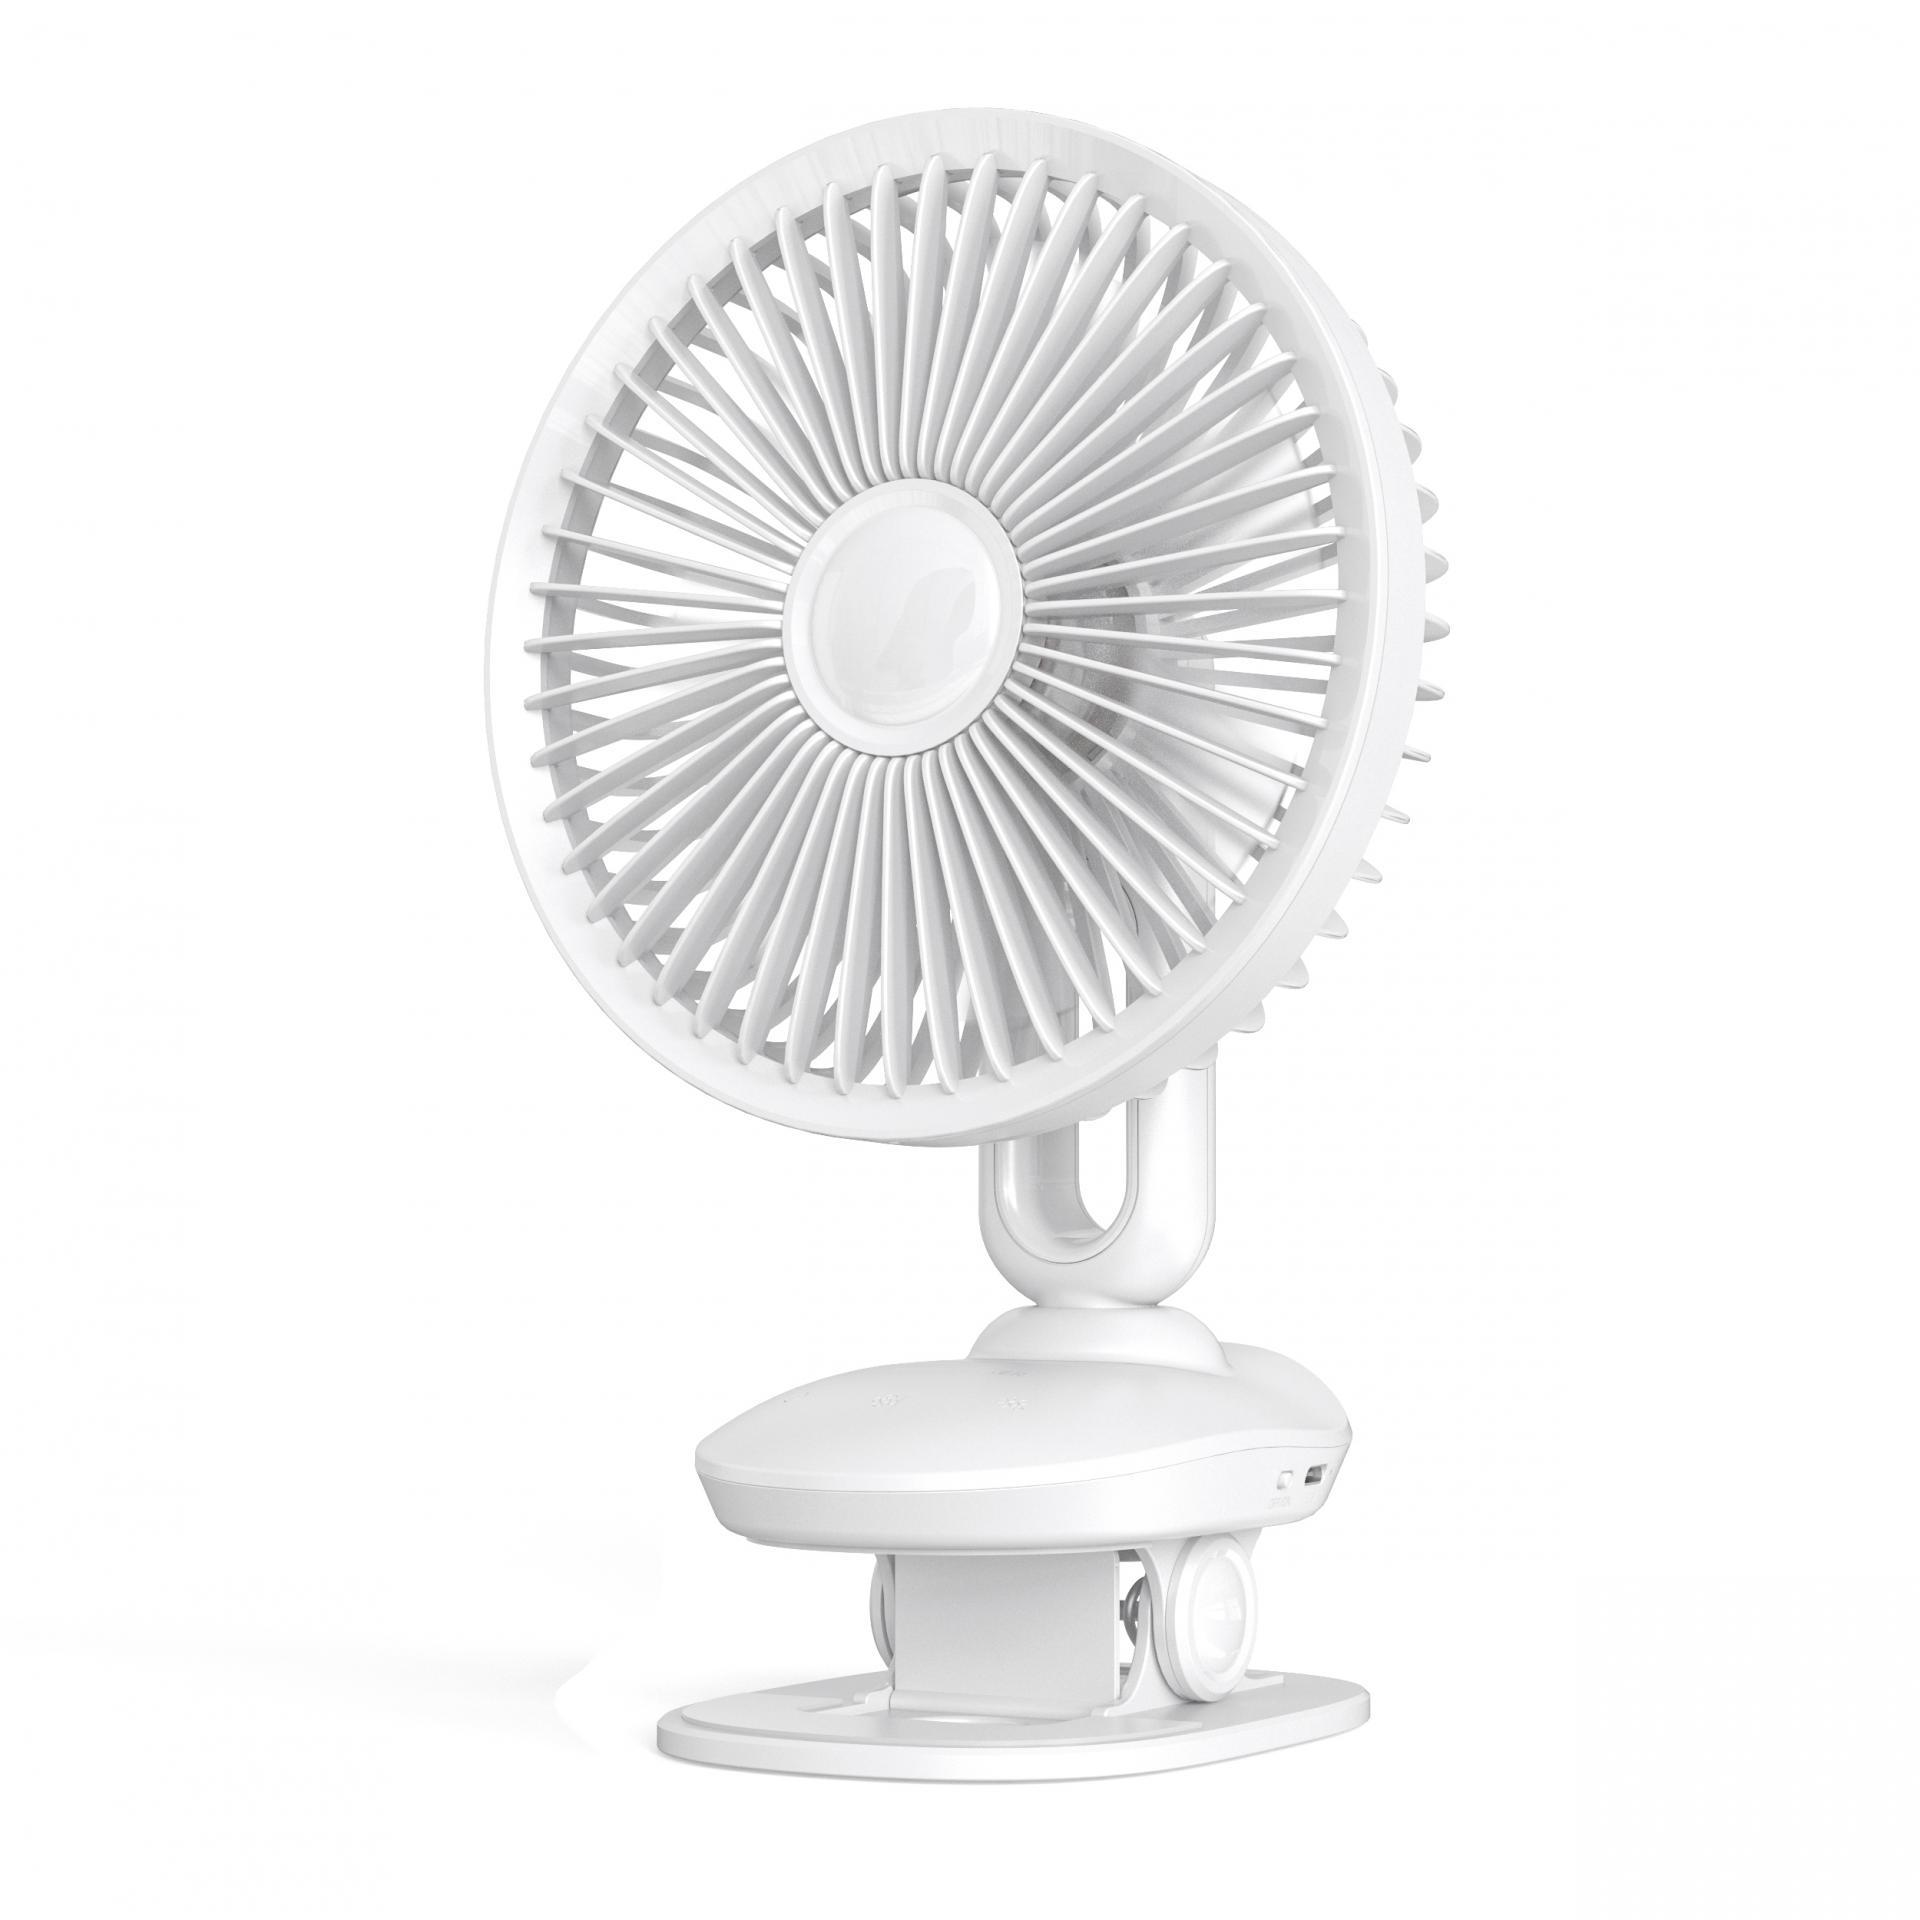 F8 Oscillating Desk Clip Fan